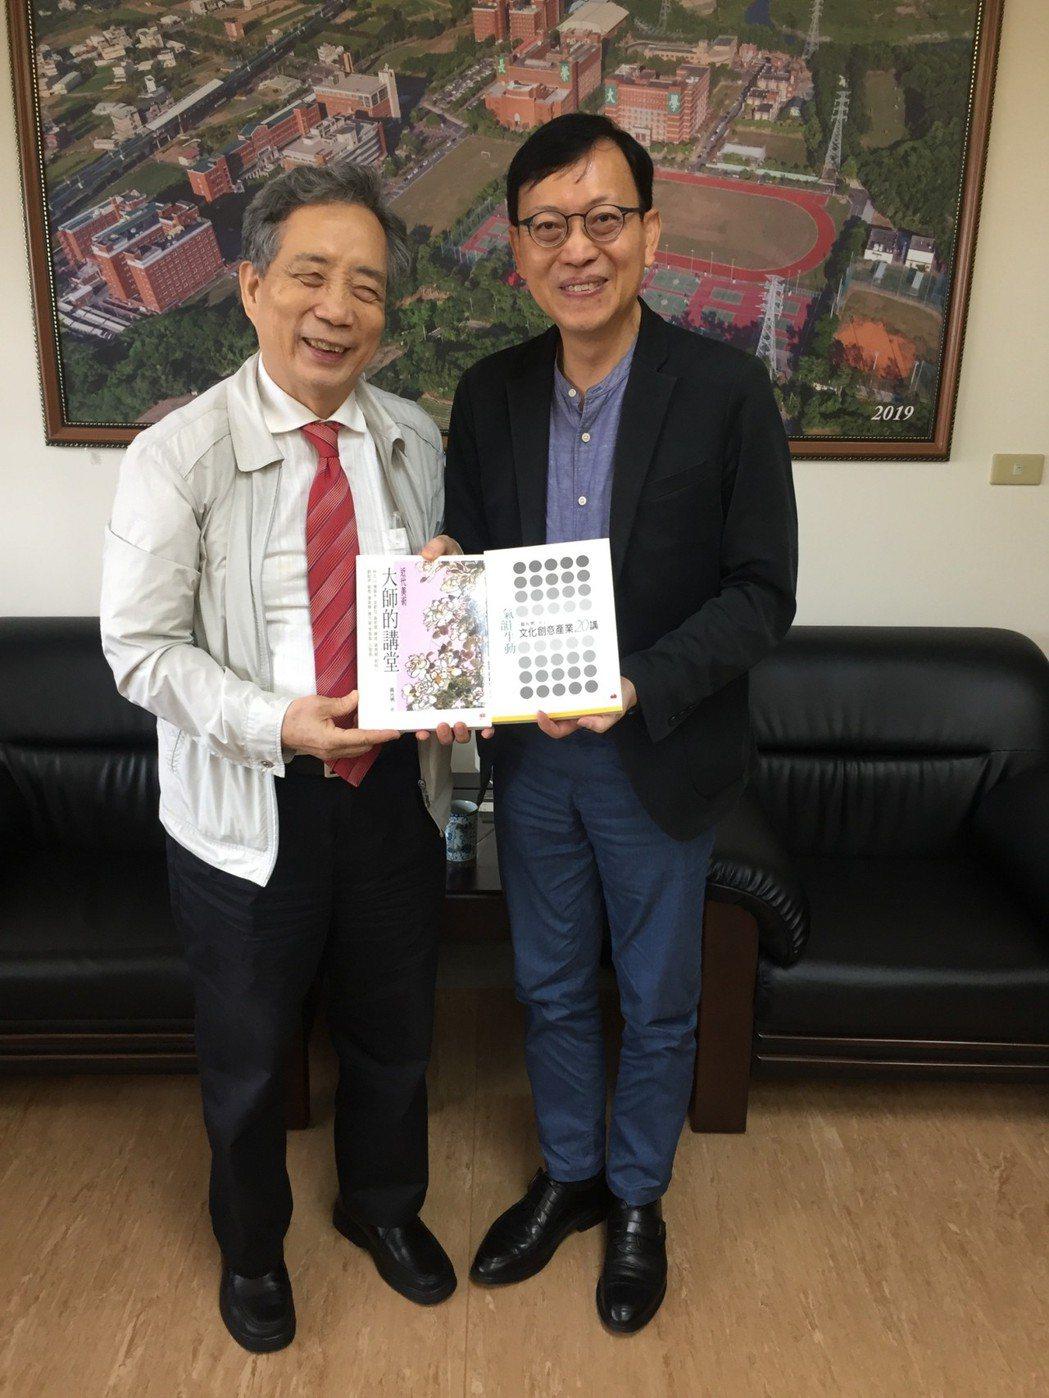 黃光男董事長送上自撰書籍予李泳龍校長。  南美館 提供